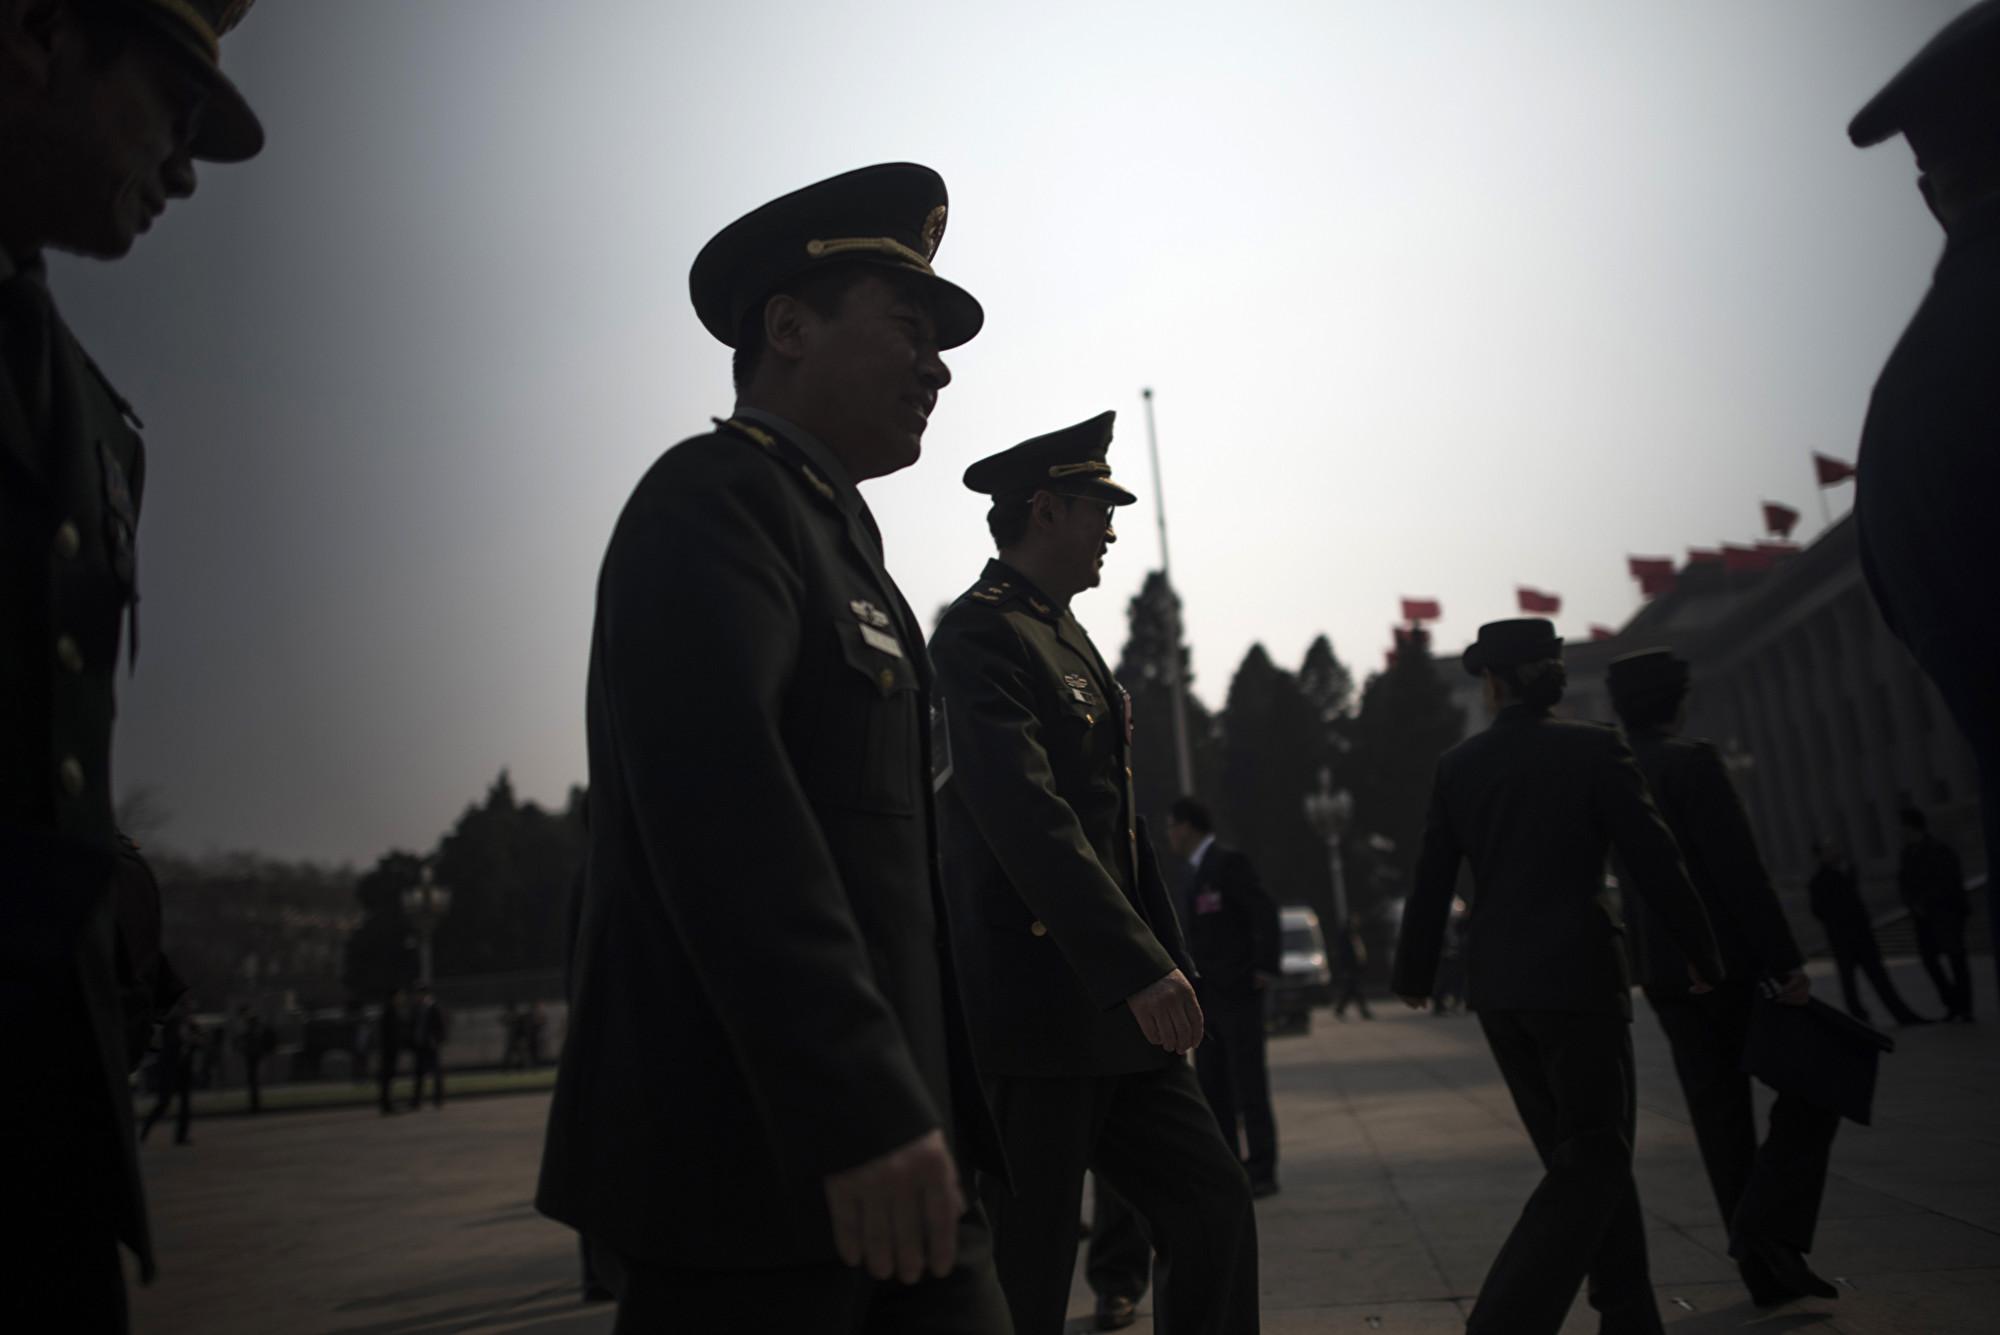 【內幕】透過王立強案 看中共軍方情報系統